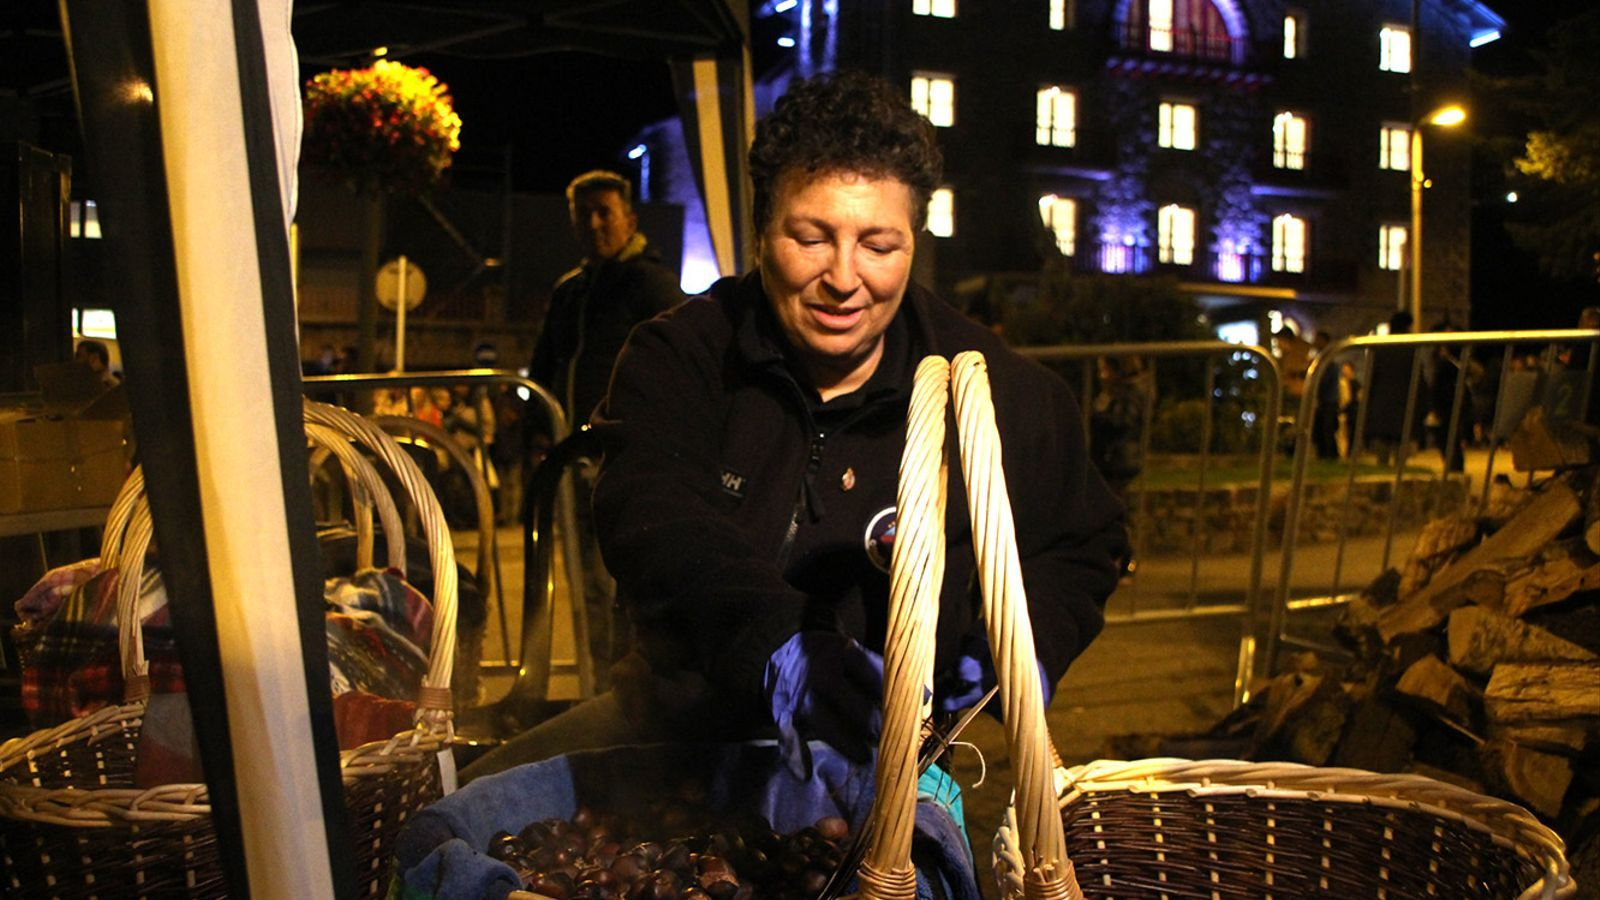 La preparació de les castanyes, aquesta tarda a la plaça dels Arínsols. / M. F. (ANA)